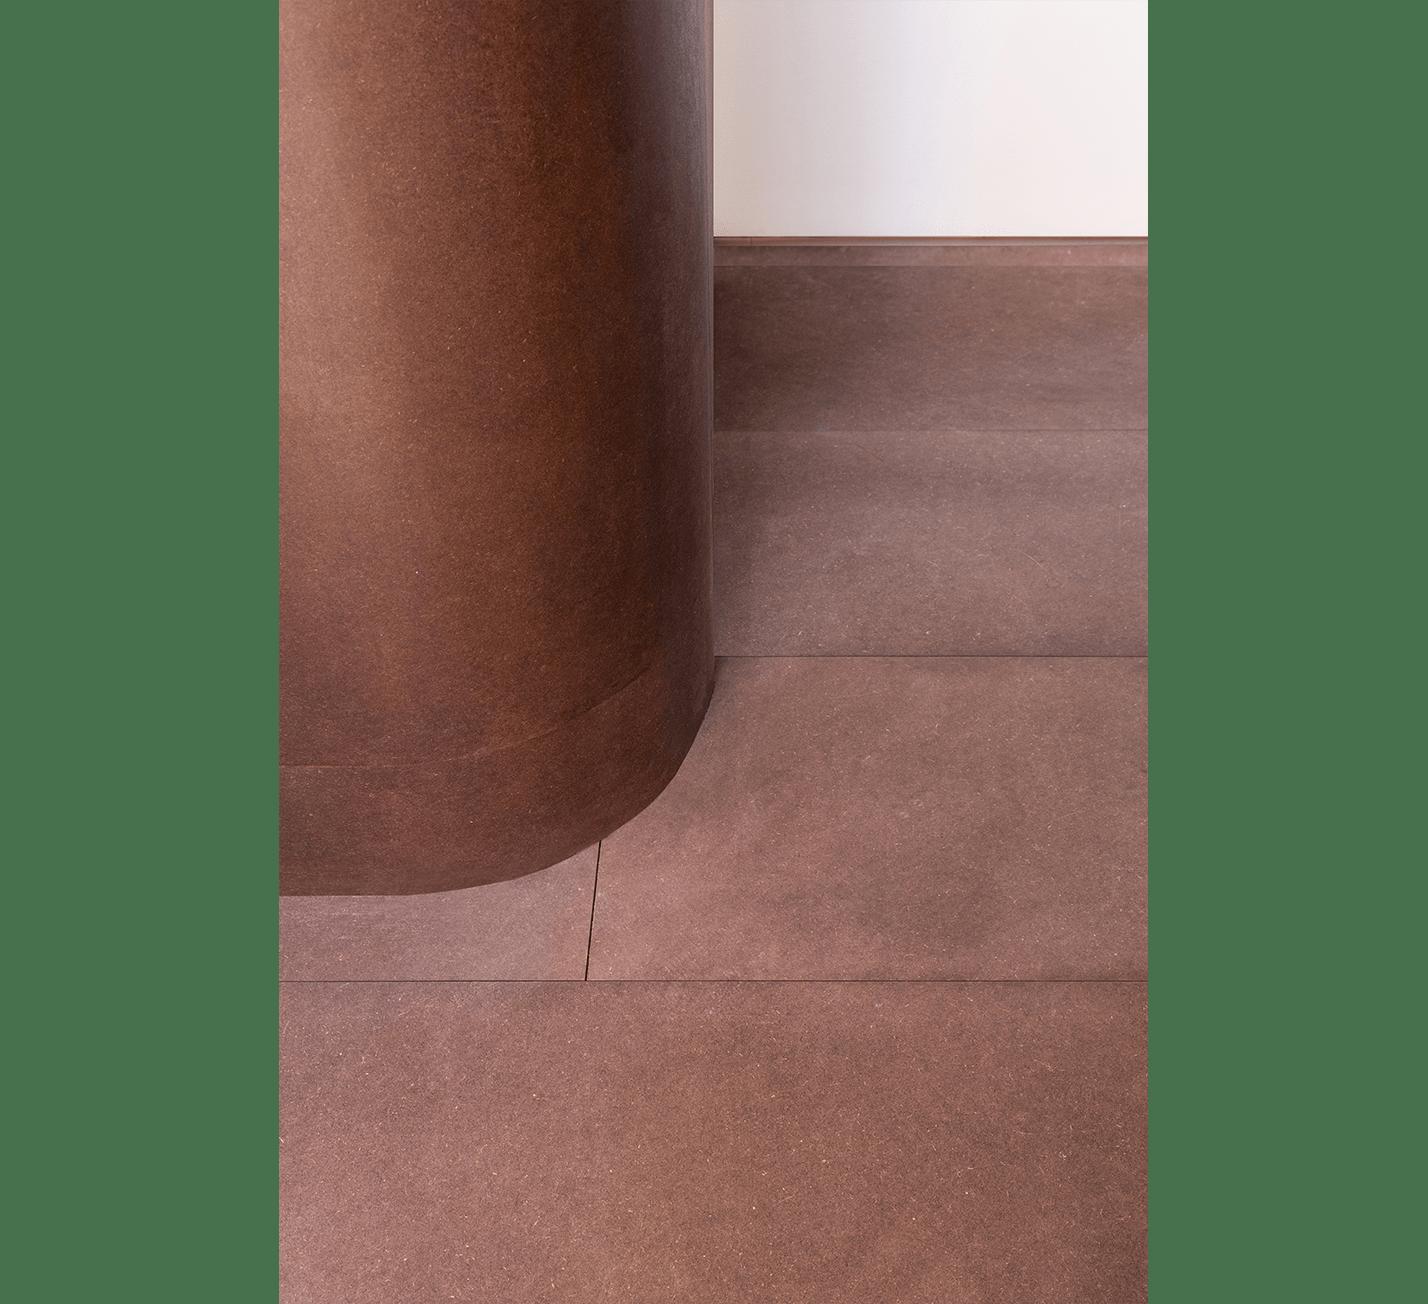 Projet-Gabriel-Atelier-Steve-Pauline-Borgia-Architecture-interieur-10-min